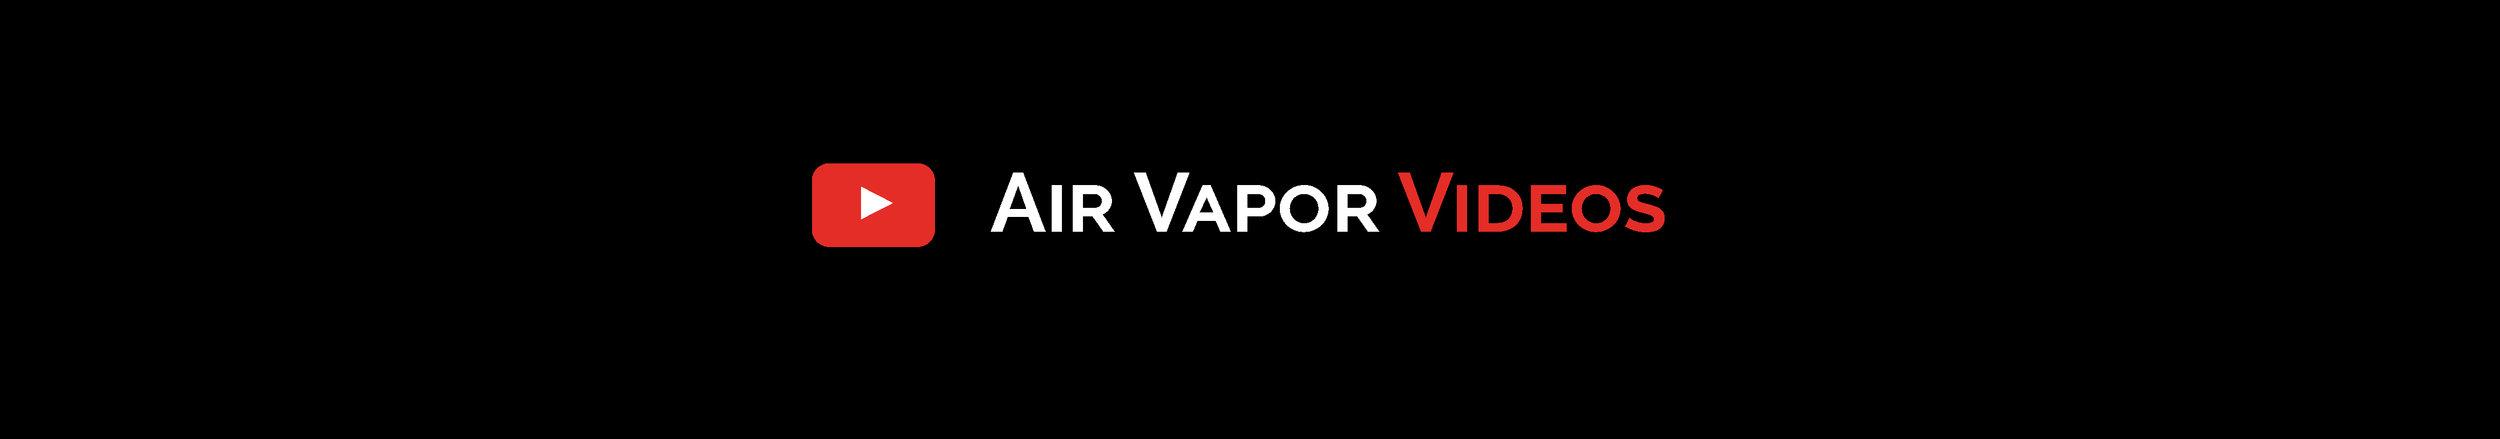 AV video title.jpg